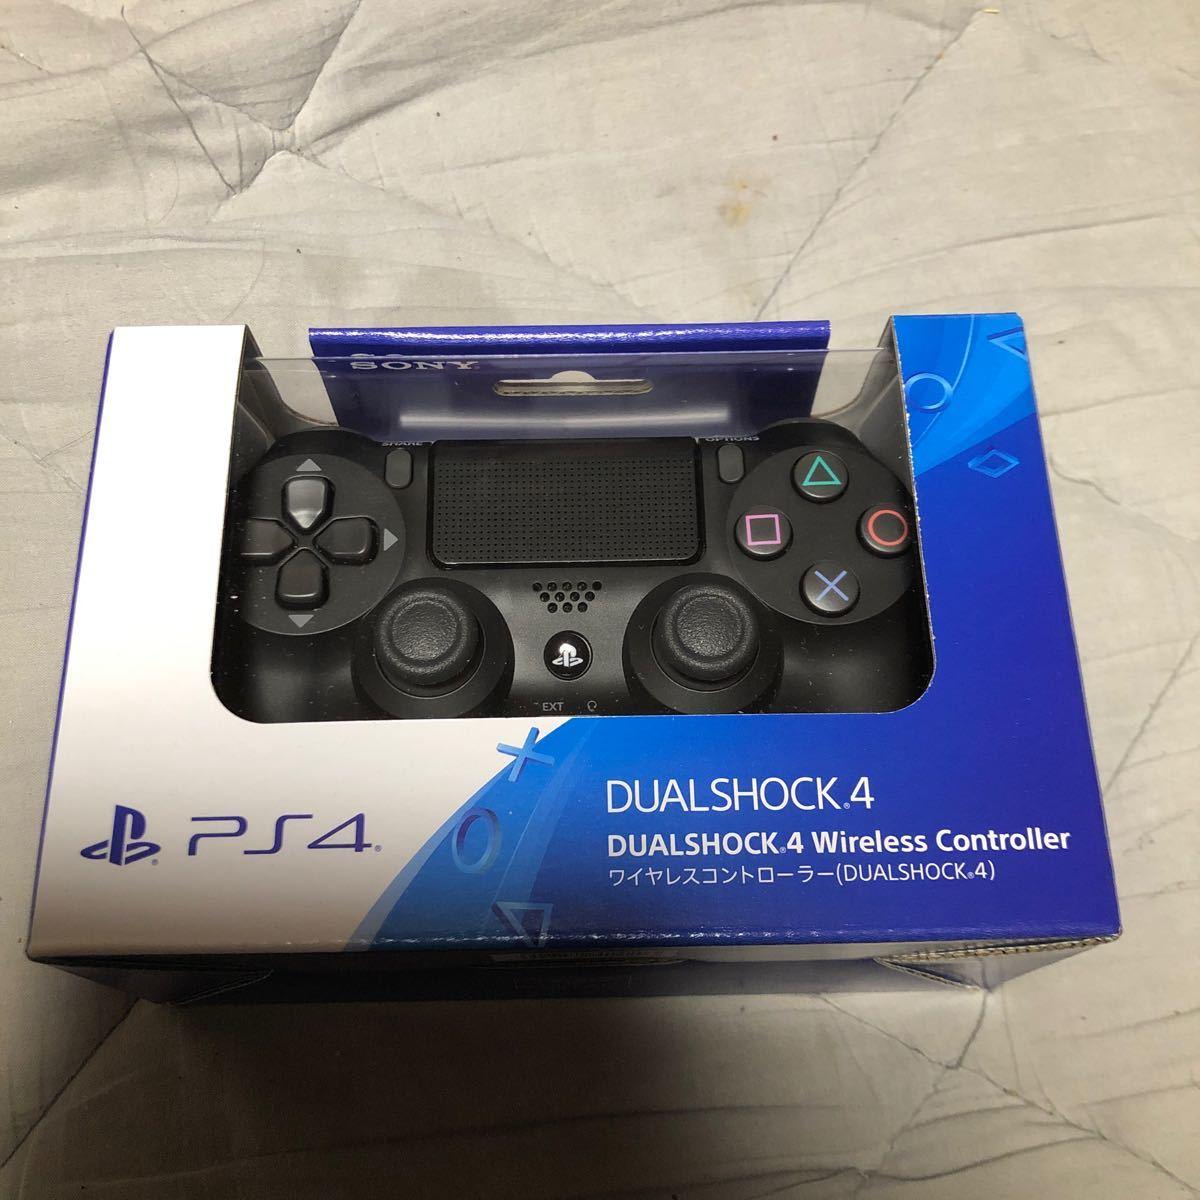 PS4 ワイヤレスコントローラー(DUALSHOCK4) ジェット・ブラック CUH-ZCT2J 新品未開封